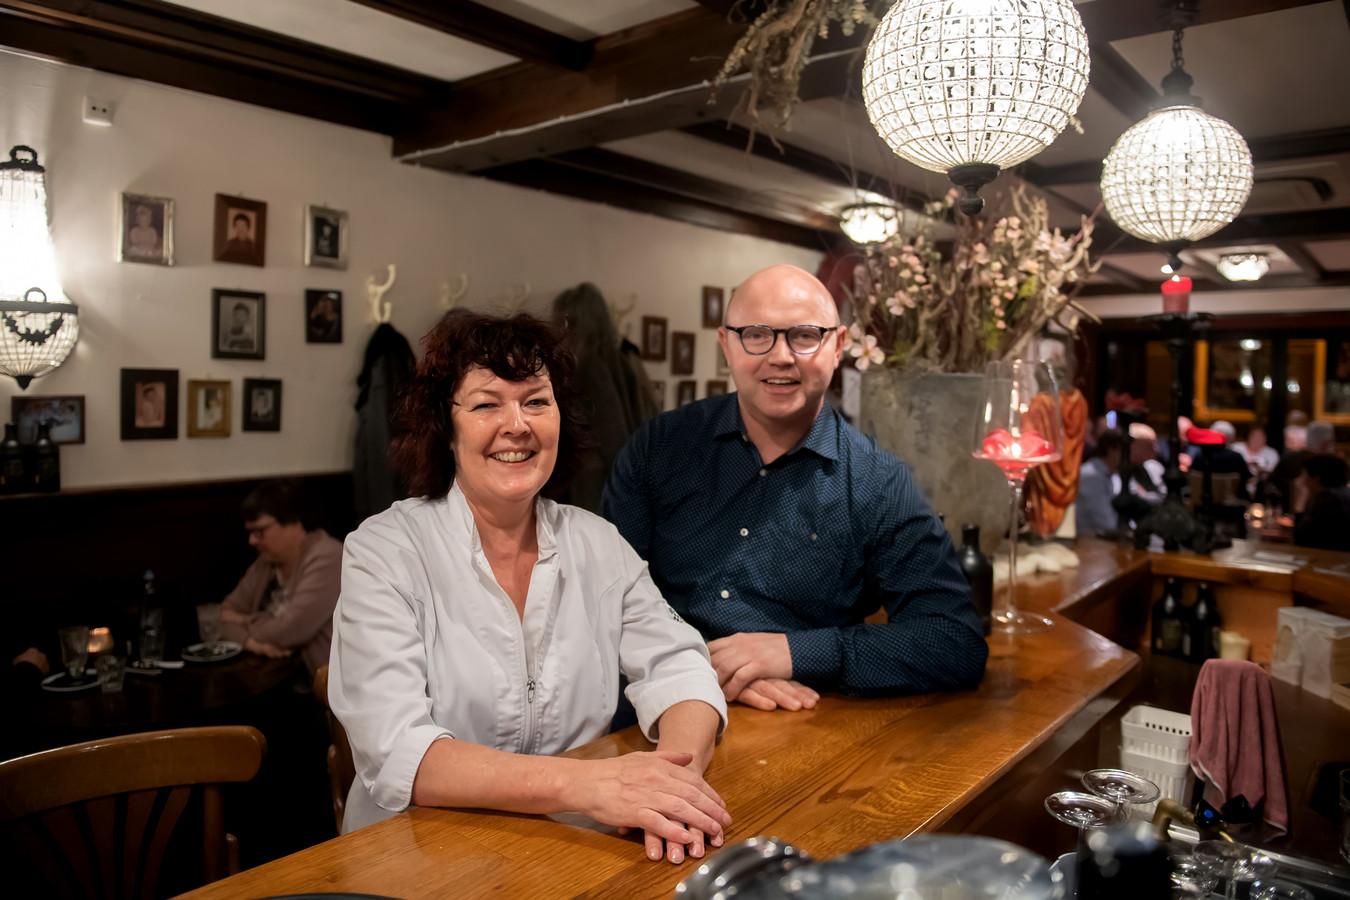 Imelda Diepstraten en haar opvolger Rob Hereijgers in de Soete Inval in Zundert.